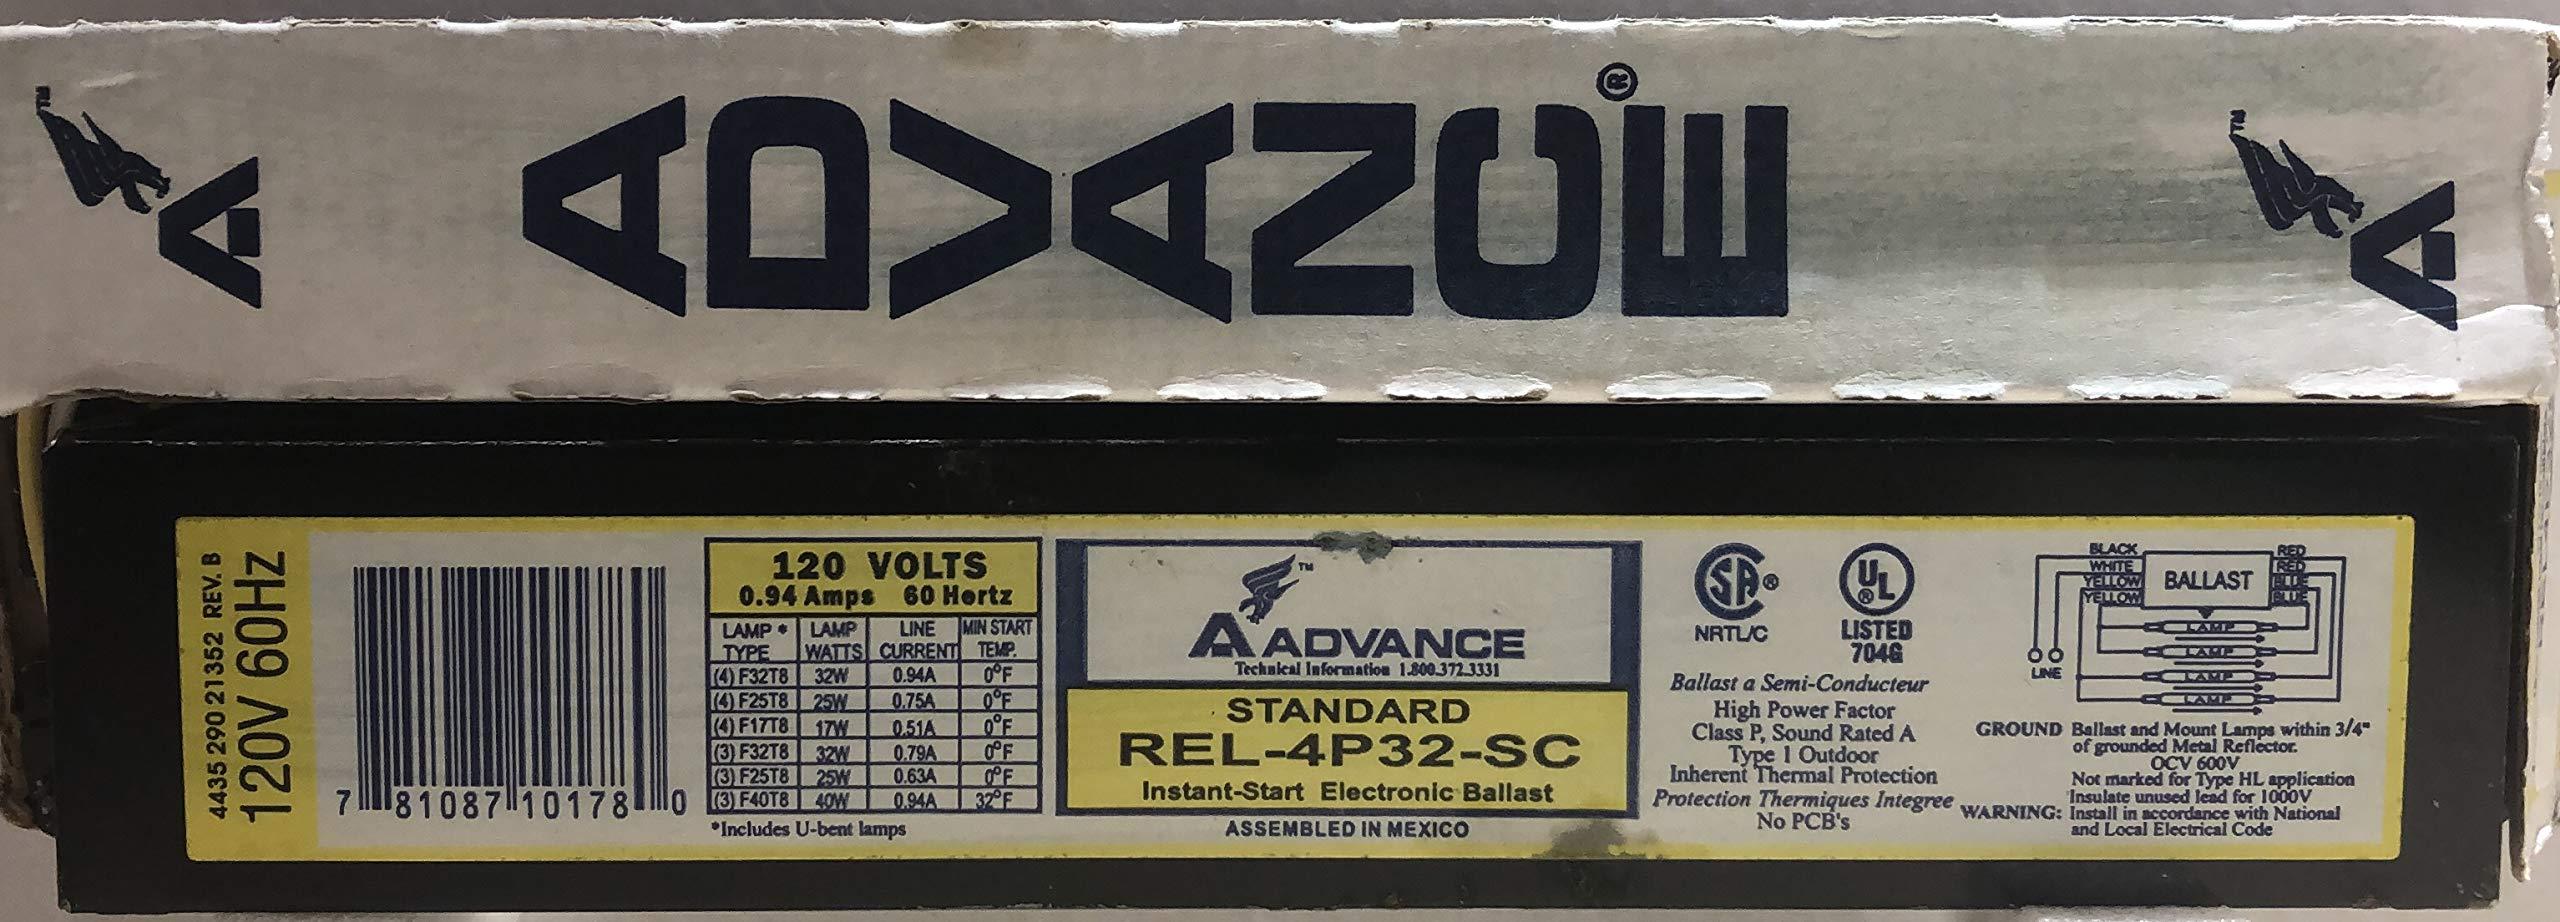 Advance Transformer REL-4P32-SC Ballast